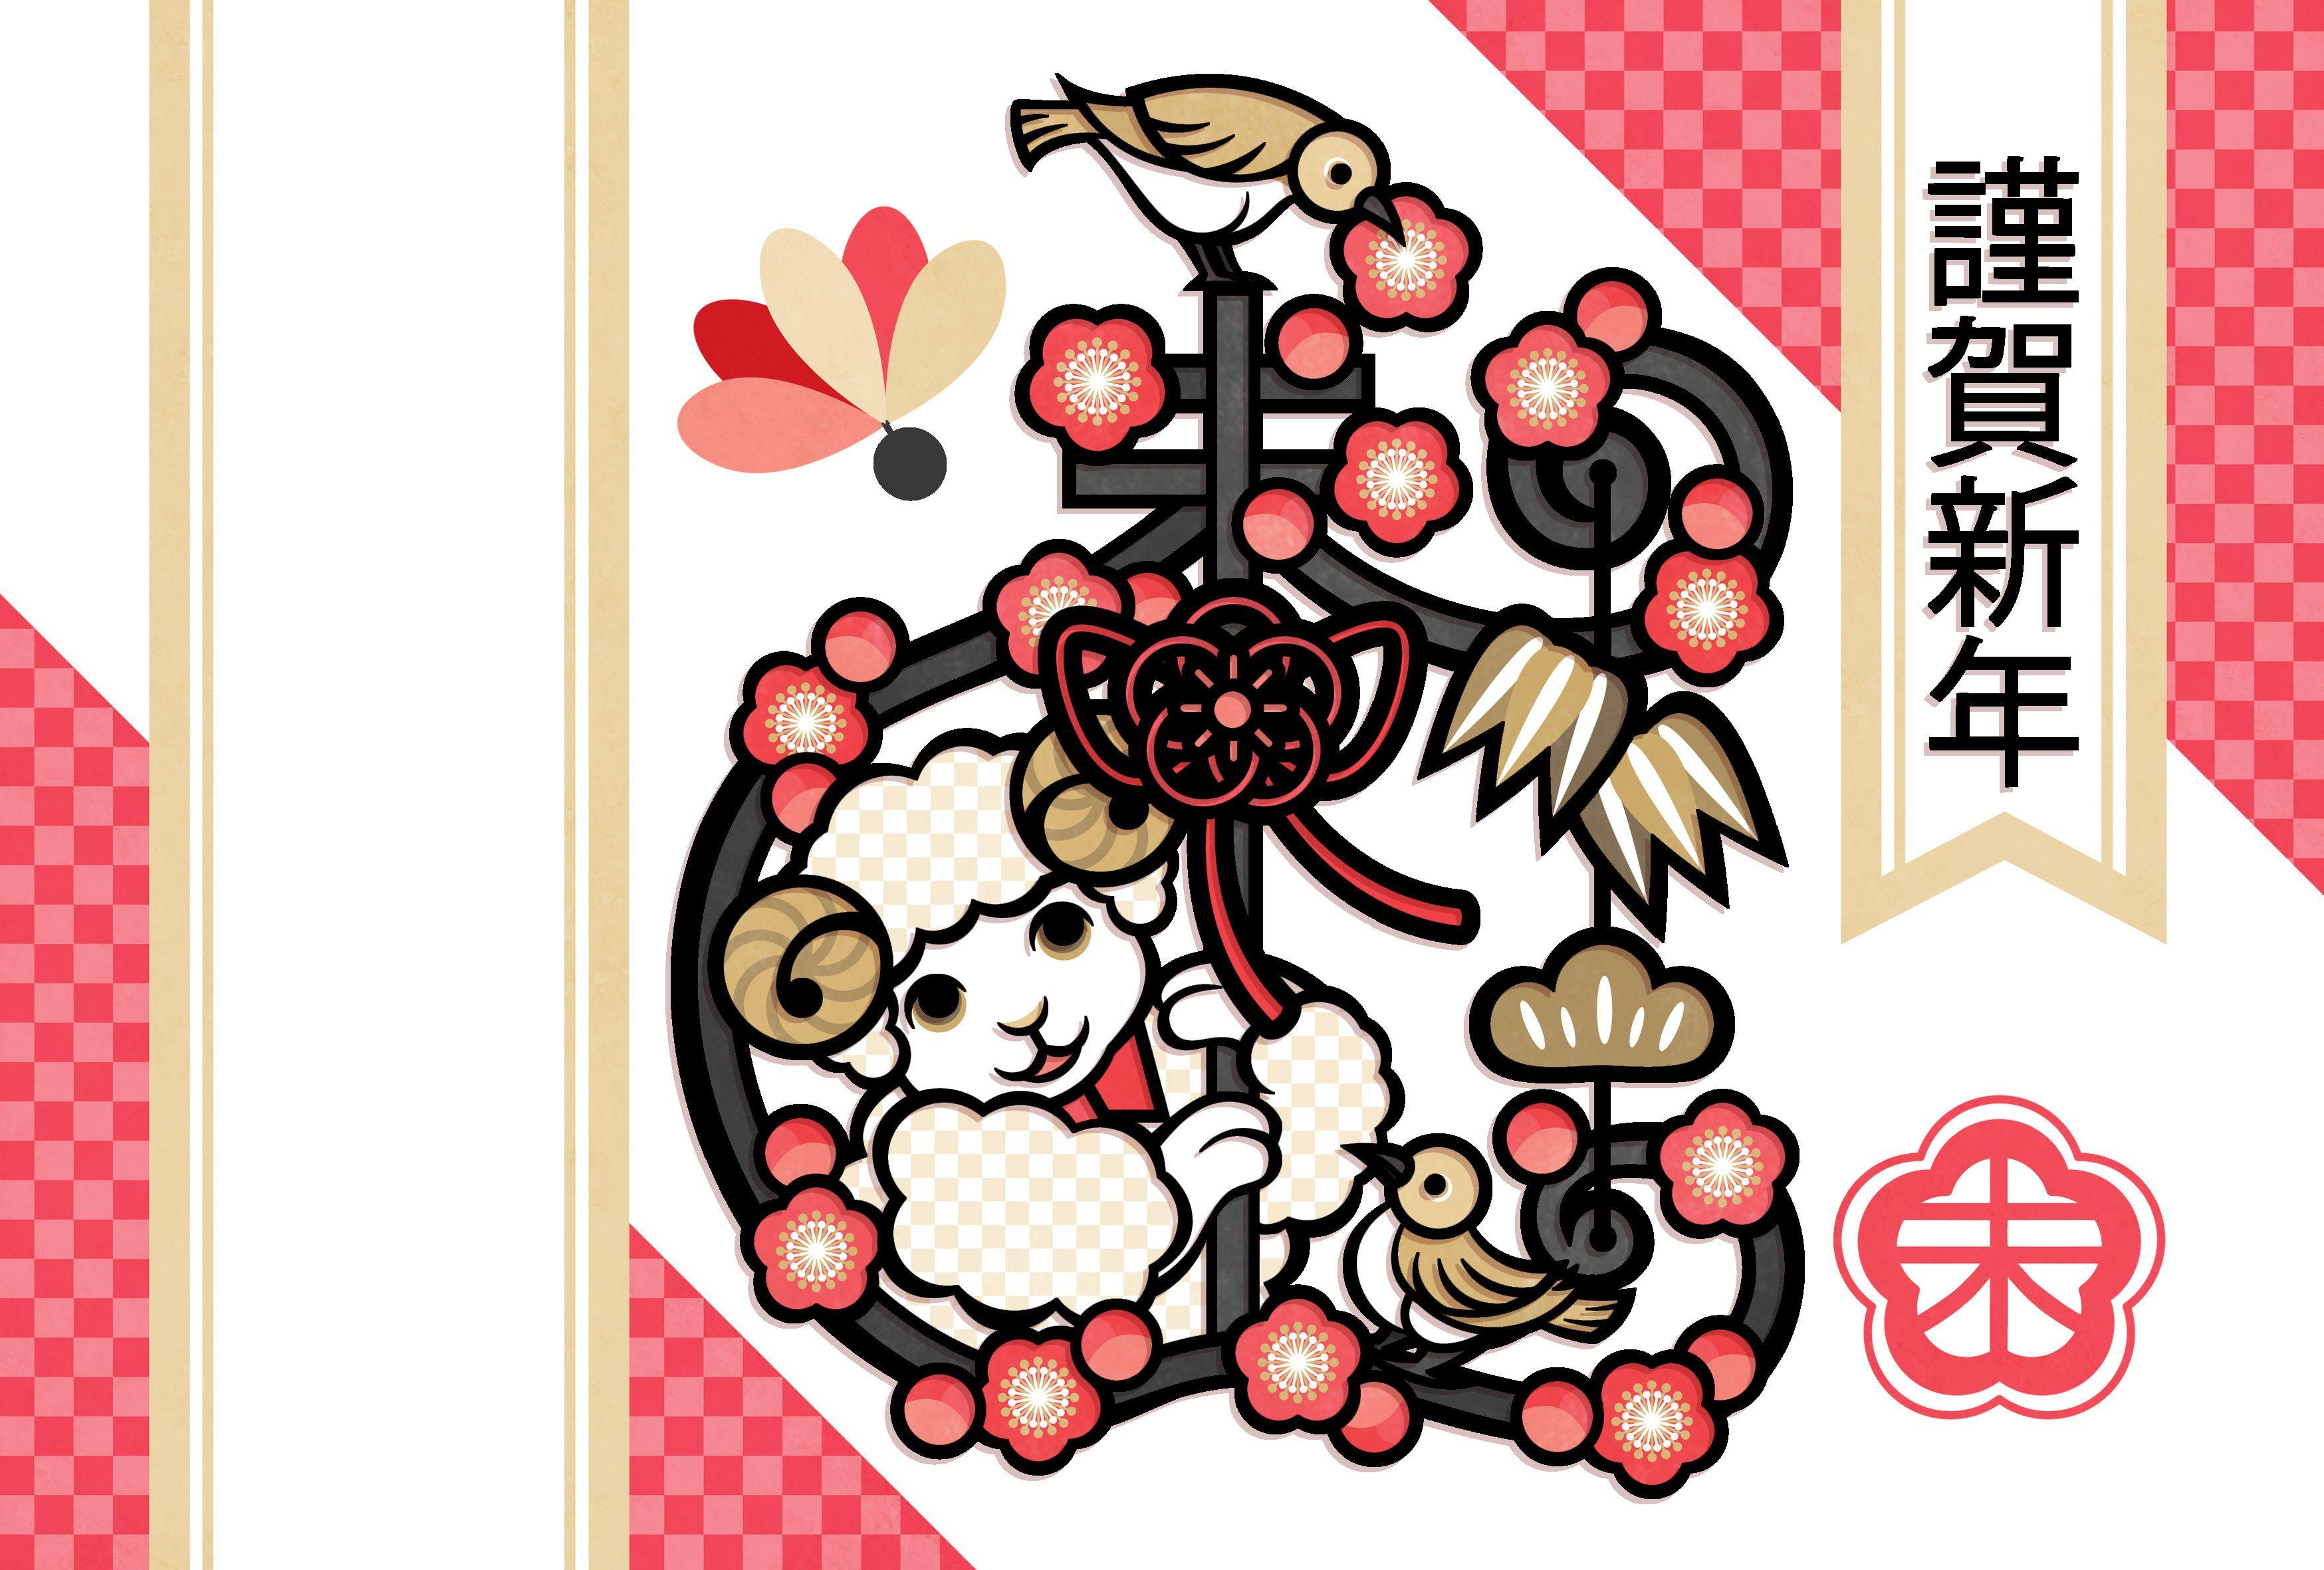 15年未年完成年賀状無料テンプレート 羊と鶯のおめでたい飾り梅の木切り絵風 謹賀新年赤茶 梅の木 年賀状 無料 猫